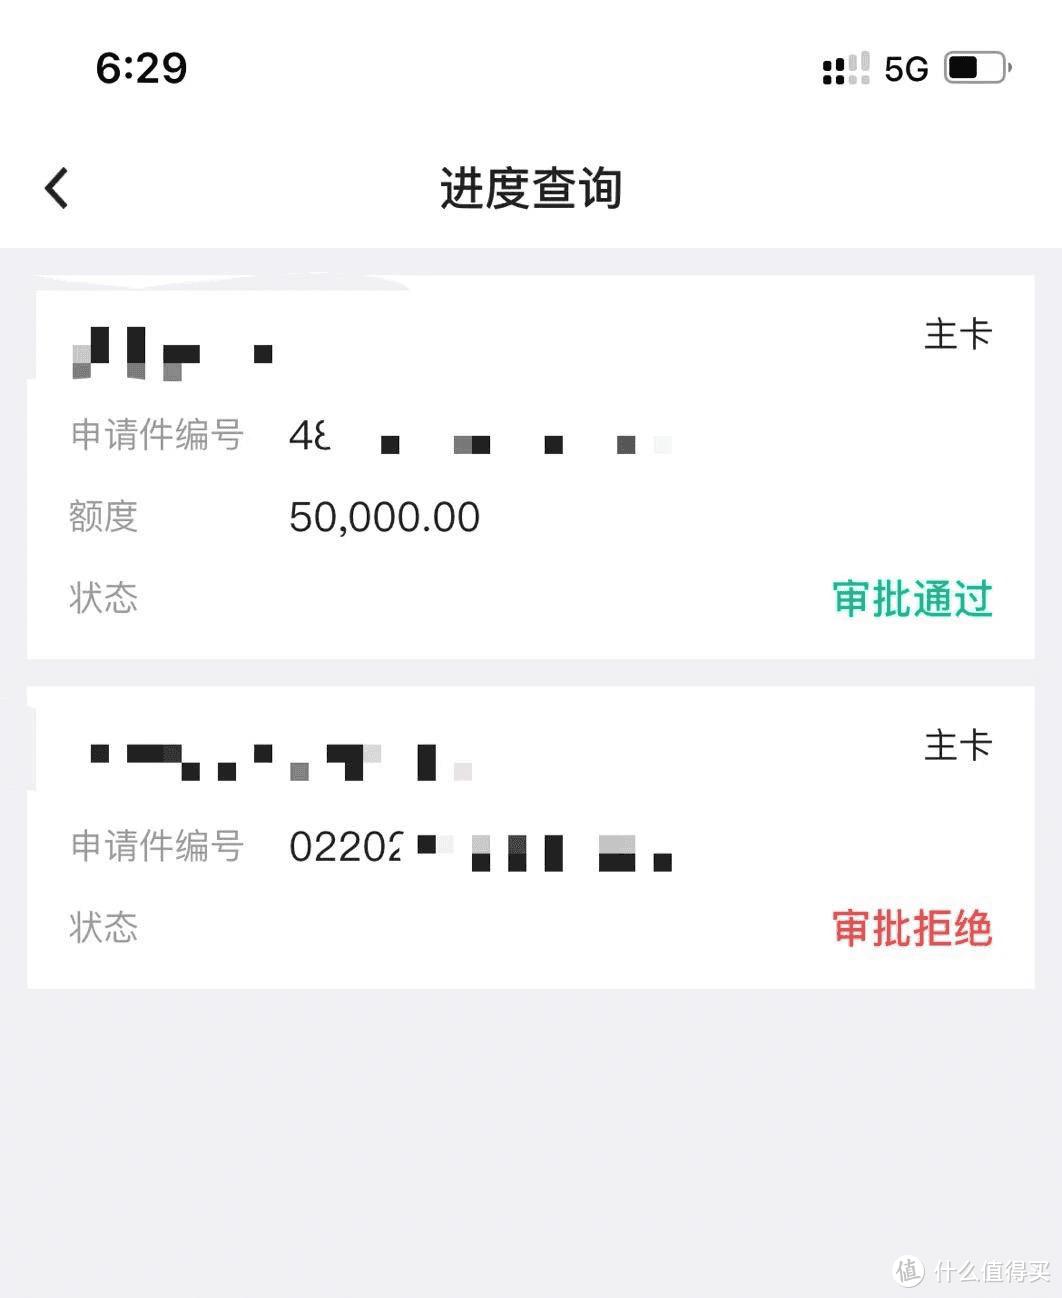 中国银行信用卡集体放水,人均额度5w+!抓紧上车!